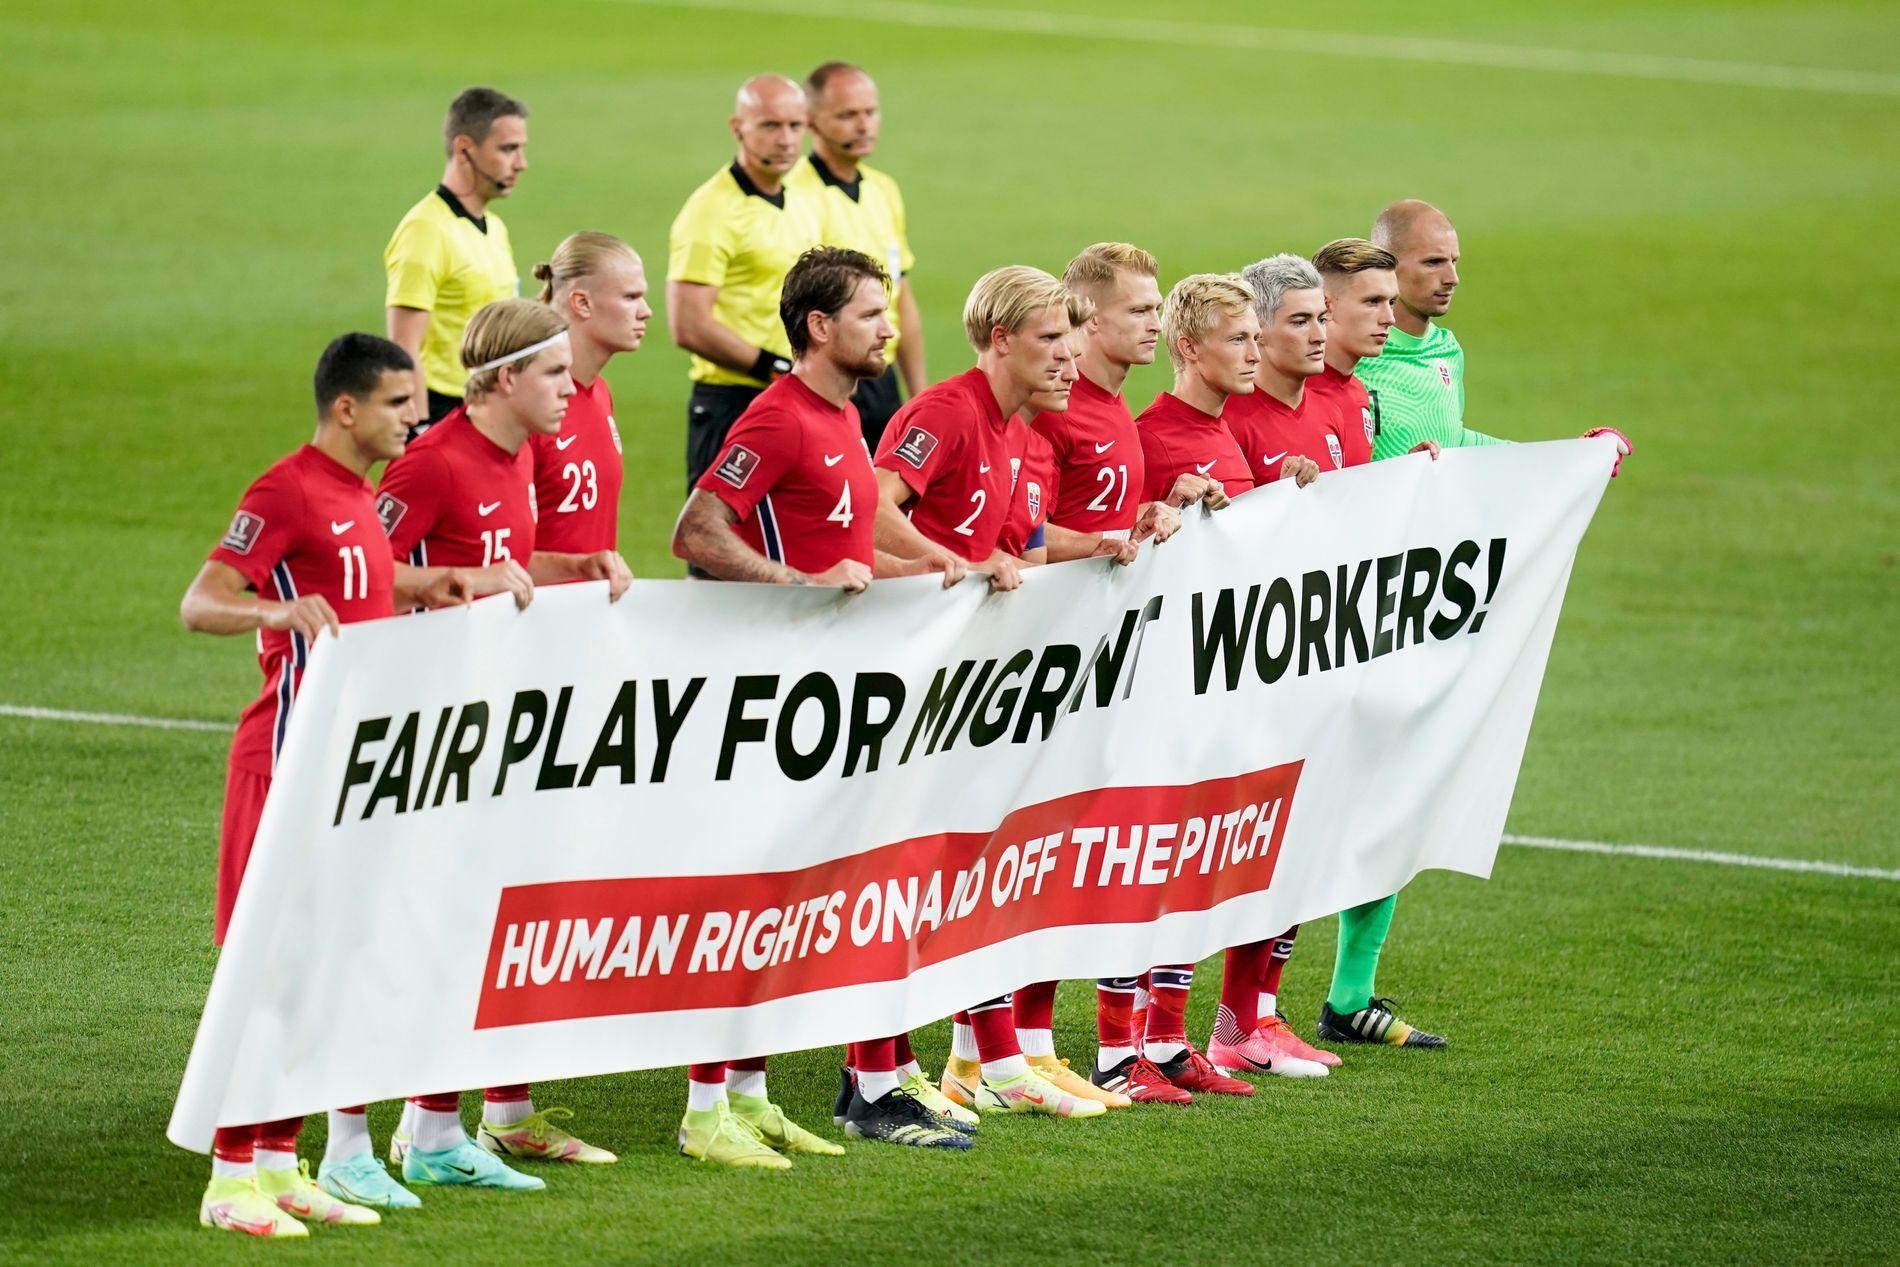 """Haaland và đồng đội lại kêu gọi """"công bằng cho lao động nhập cư"""" tại Qatar"""